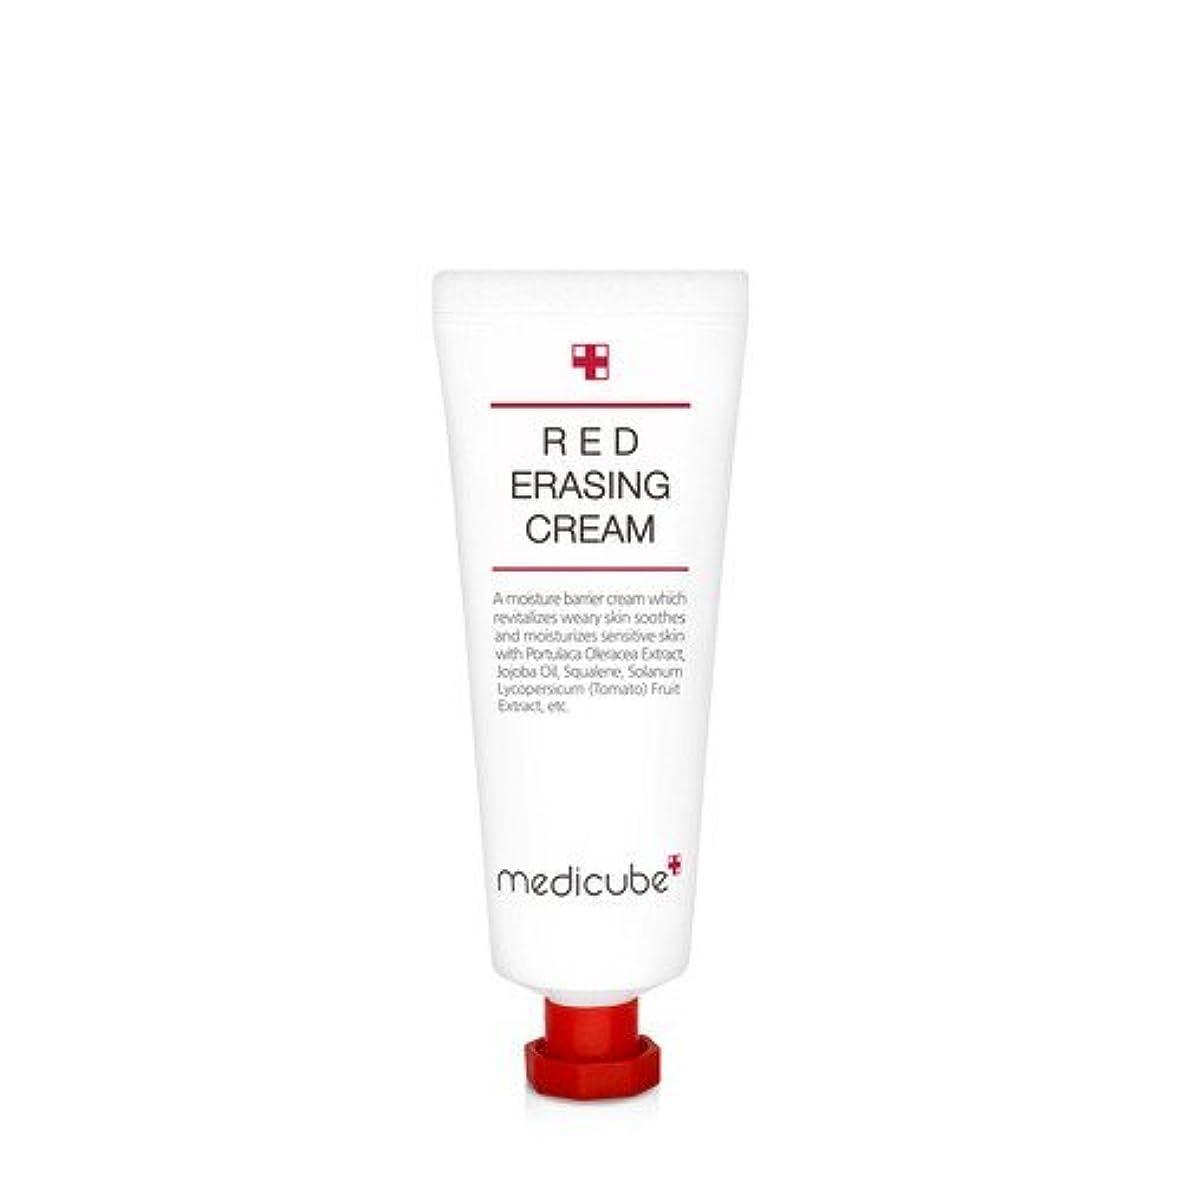 広範囲路面電車廃止する[Medicube]Red Erasing Cream 50g / メディキューブレッドイレイジングクリーム / 正品?海外直送商品 [並行輸入品]